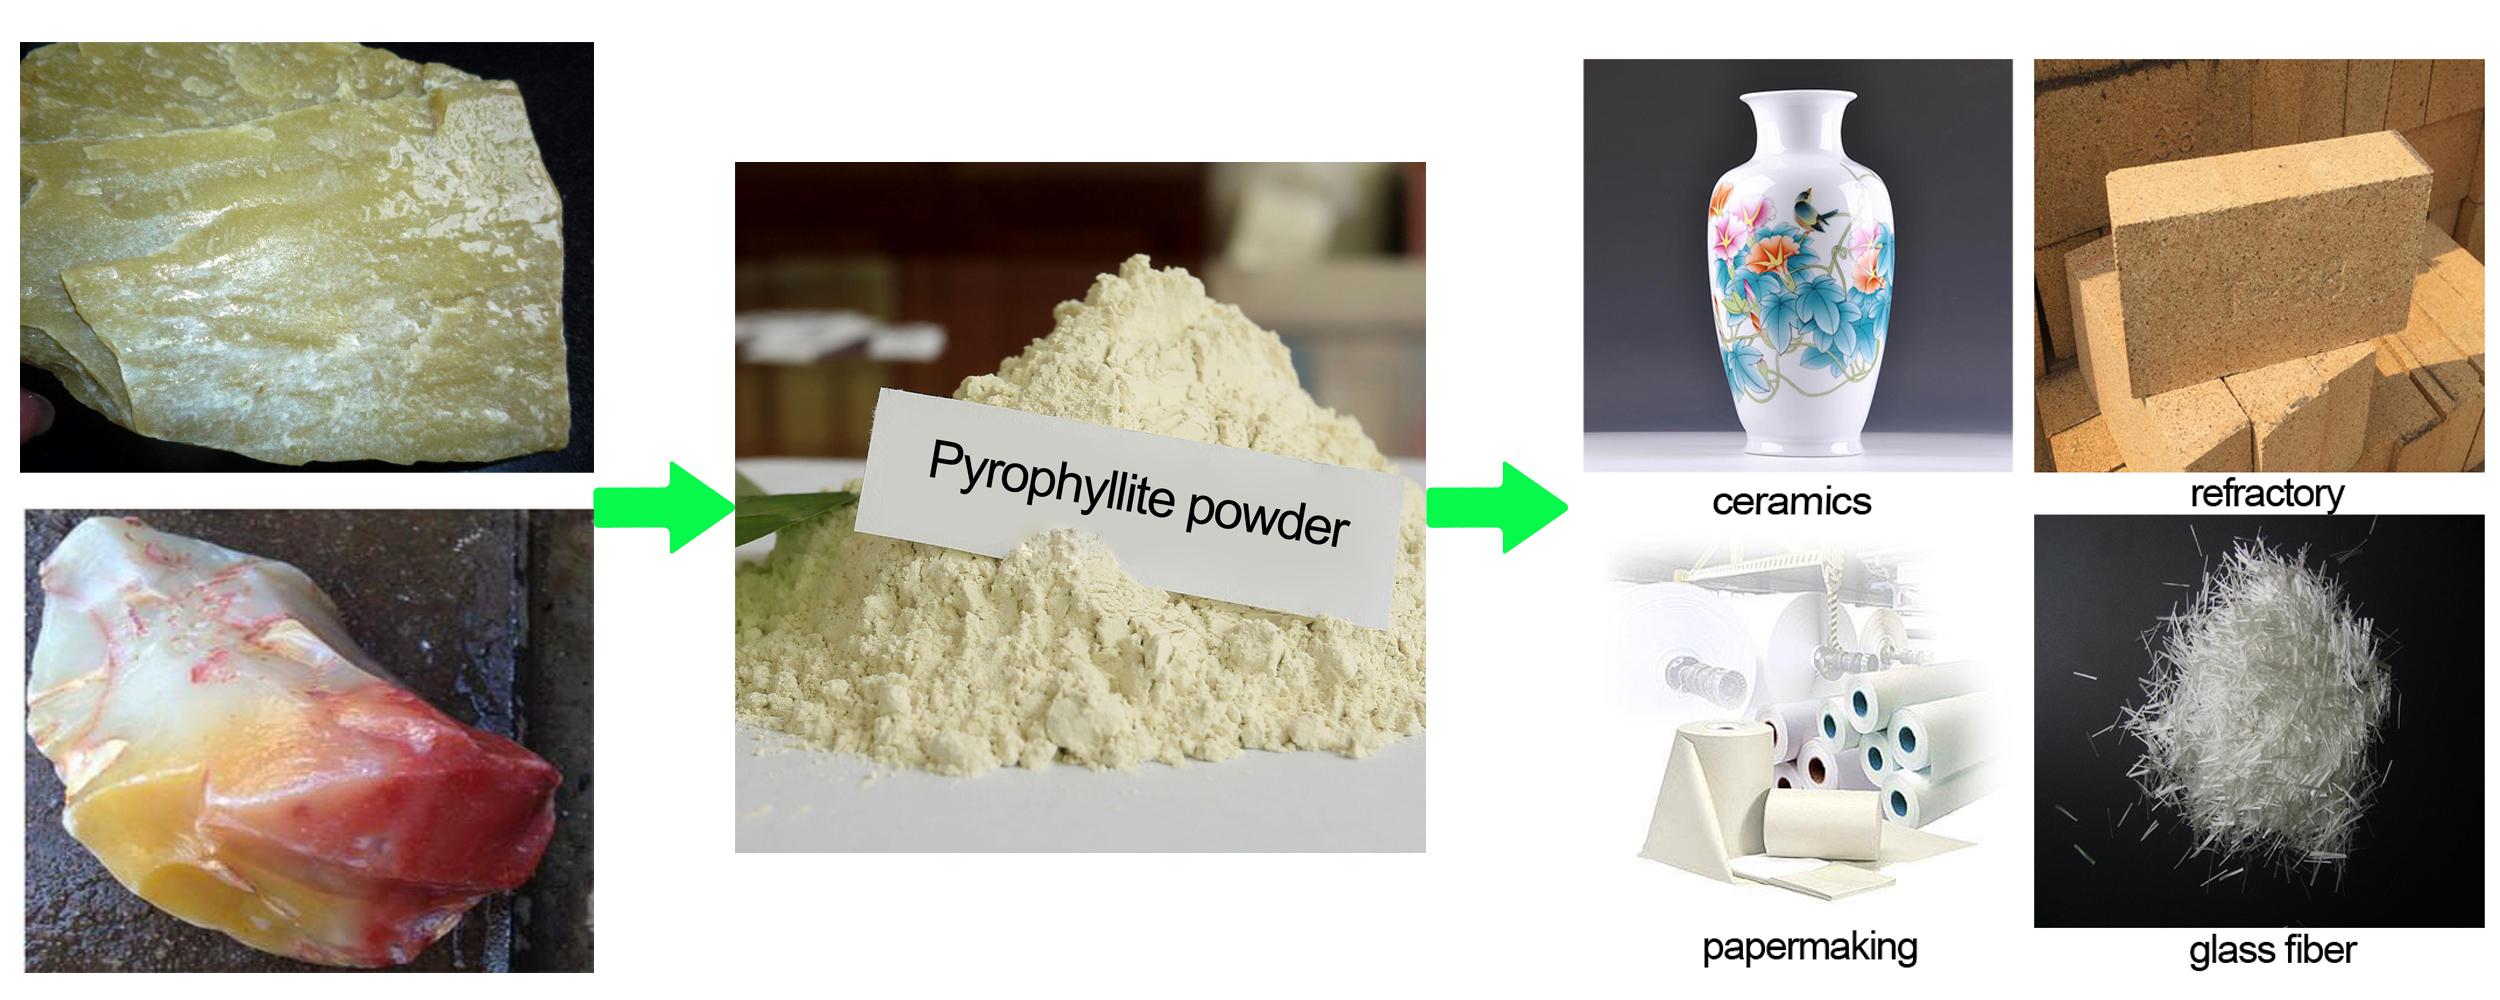 pyrophyllite usage 2.jpg